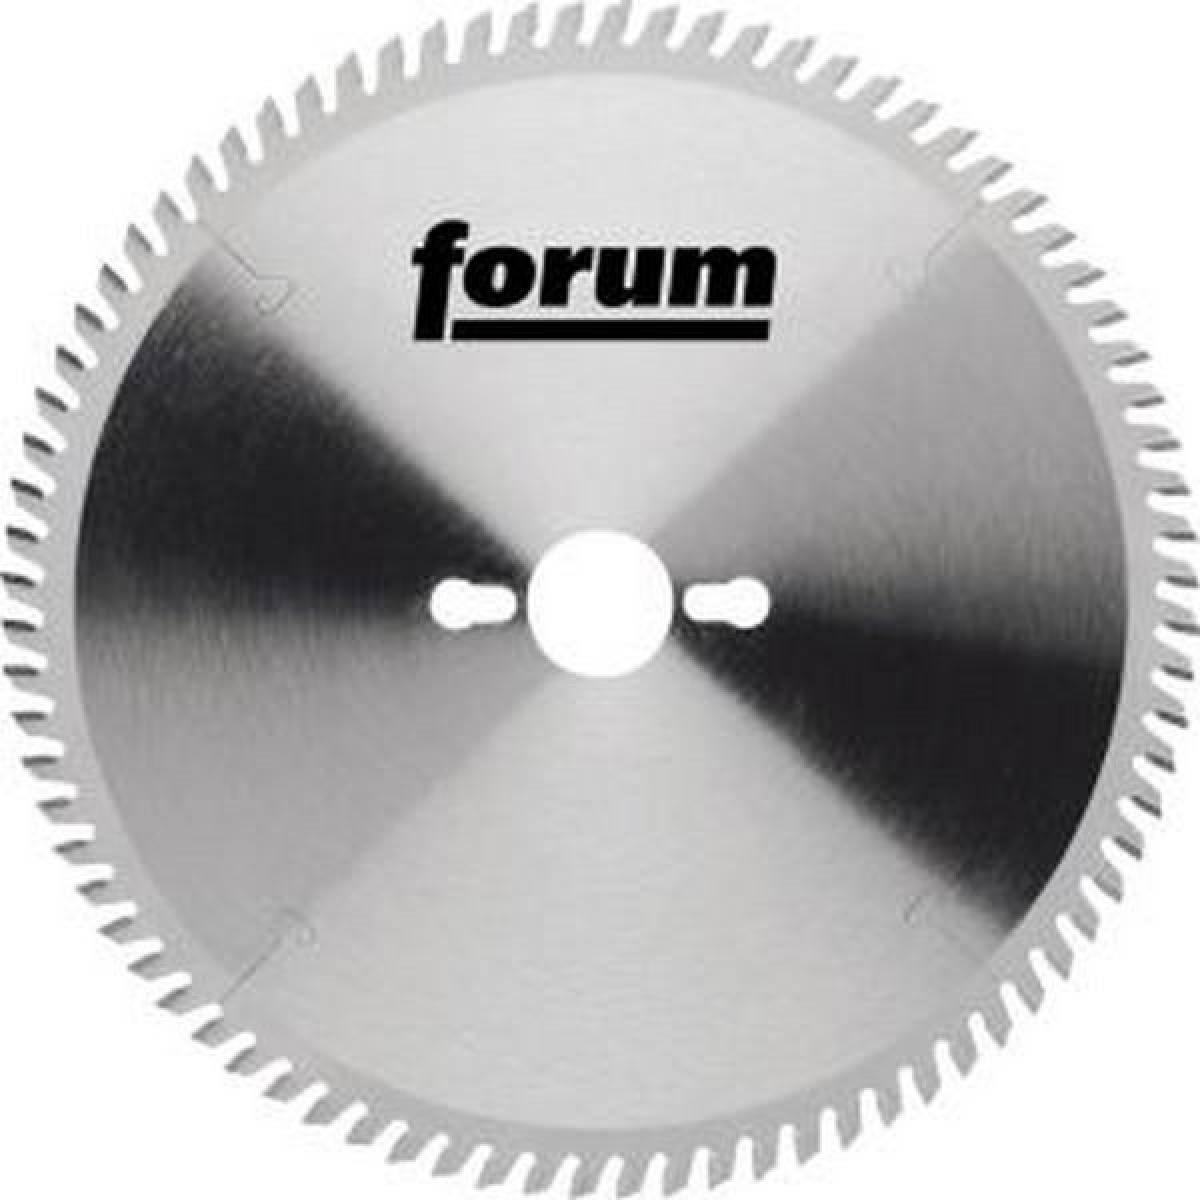 Forum Lame de scie circulaire, Ø : 250 mm, Larg. : 3,2 mm, Alésage 30 mm, Perçages secondaires : 2KNL*, Dents : 48